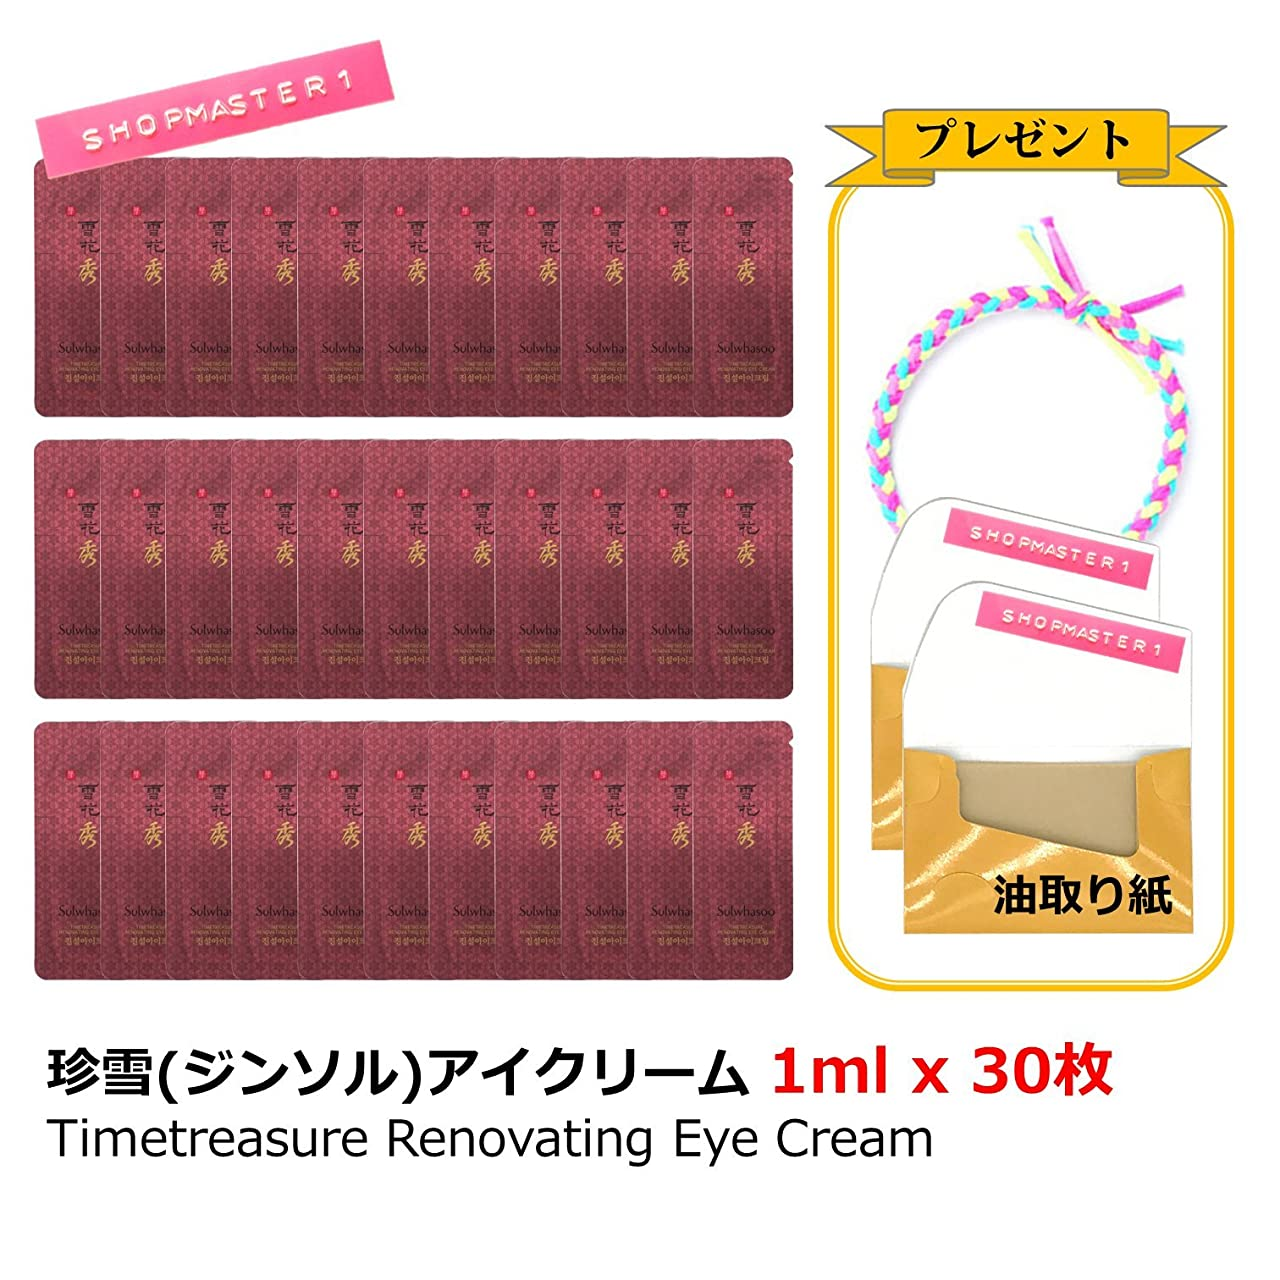 ラベカブ絶望的な【Sulwhasoo ソルファス】珍雪(ジンソル)アイクリーム 1ml x 30枚 Timetreasure Renovating Eye Cream / プレゼント 油取り紙 2個(25枚ずつ)、ヘアタイ / 海外直配送 [並行輸入品]